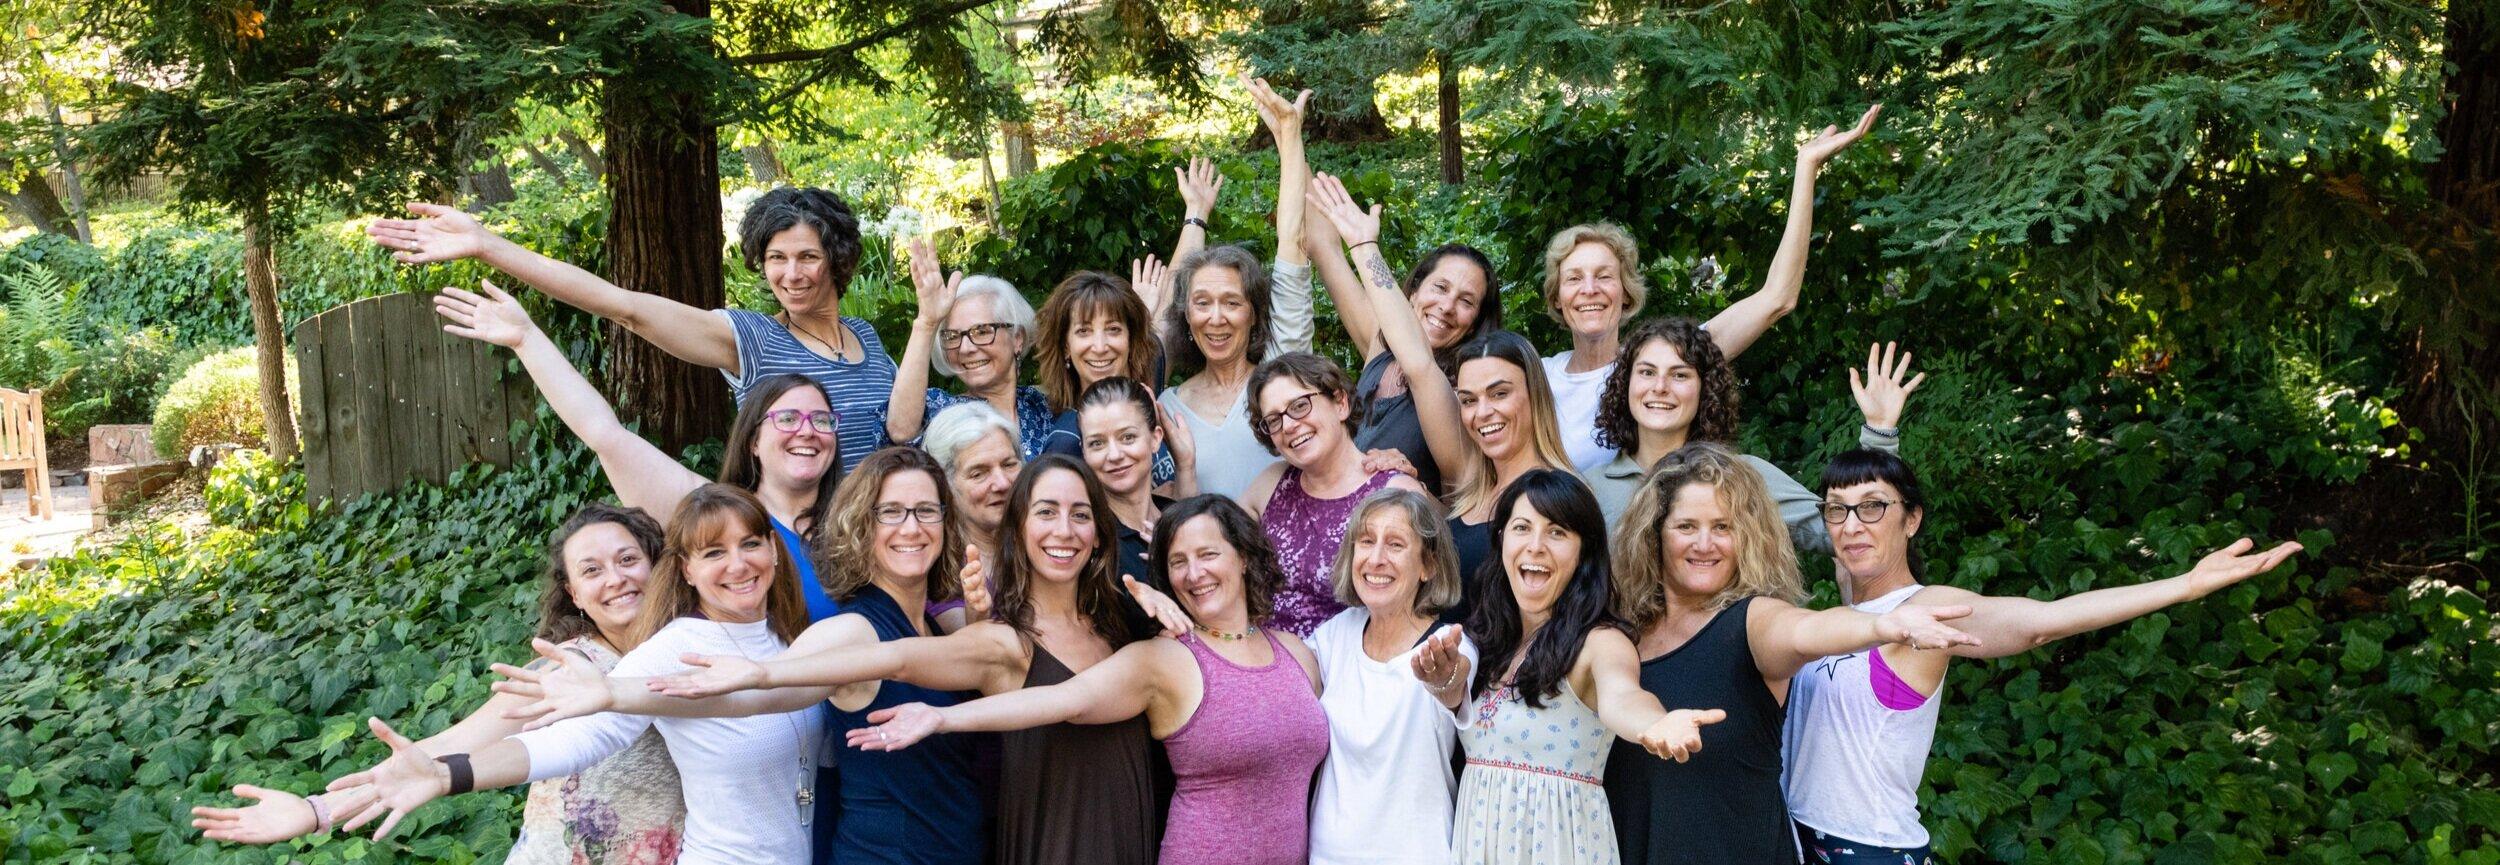 Gather and Grow Teachers' Convening 2019  photo credit  Eli Zaturansky